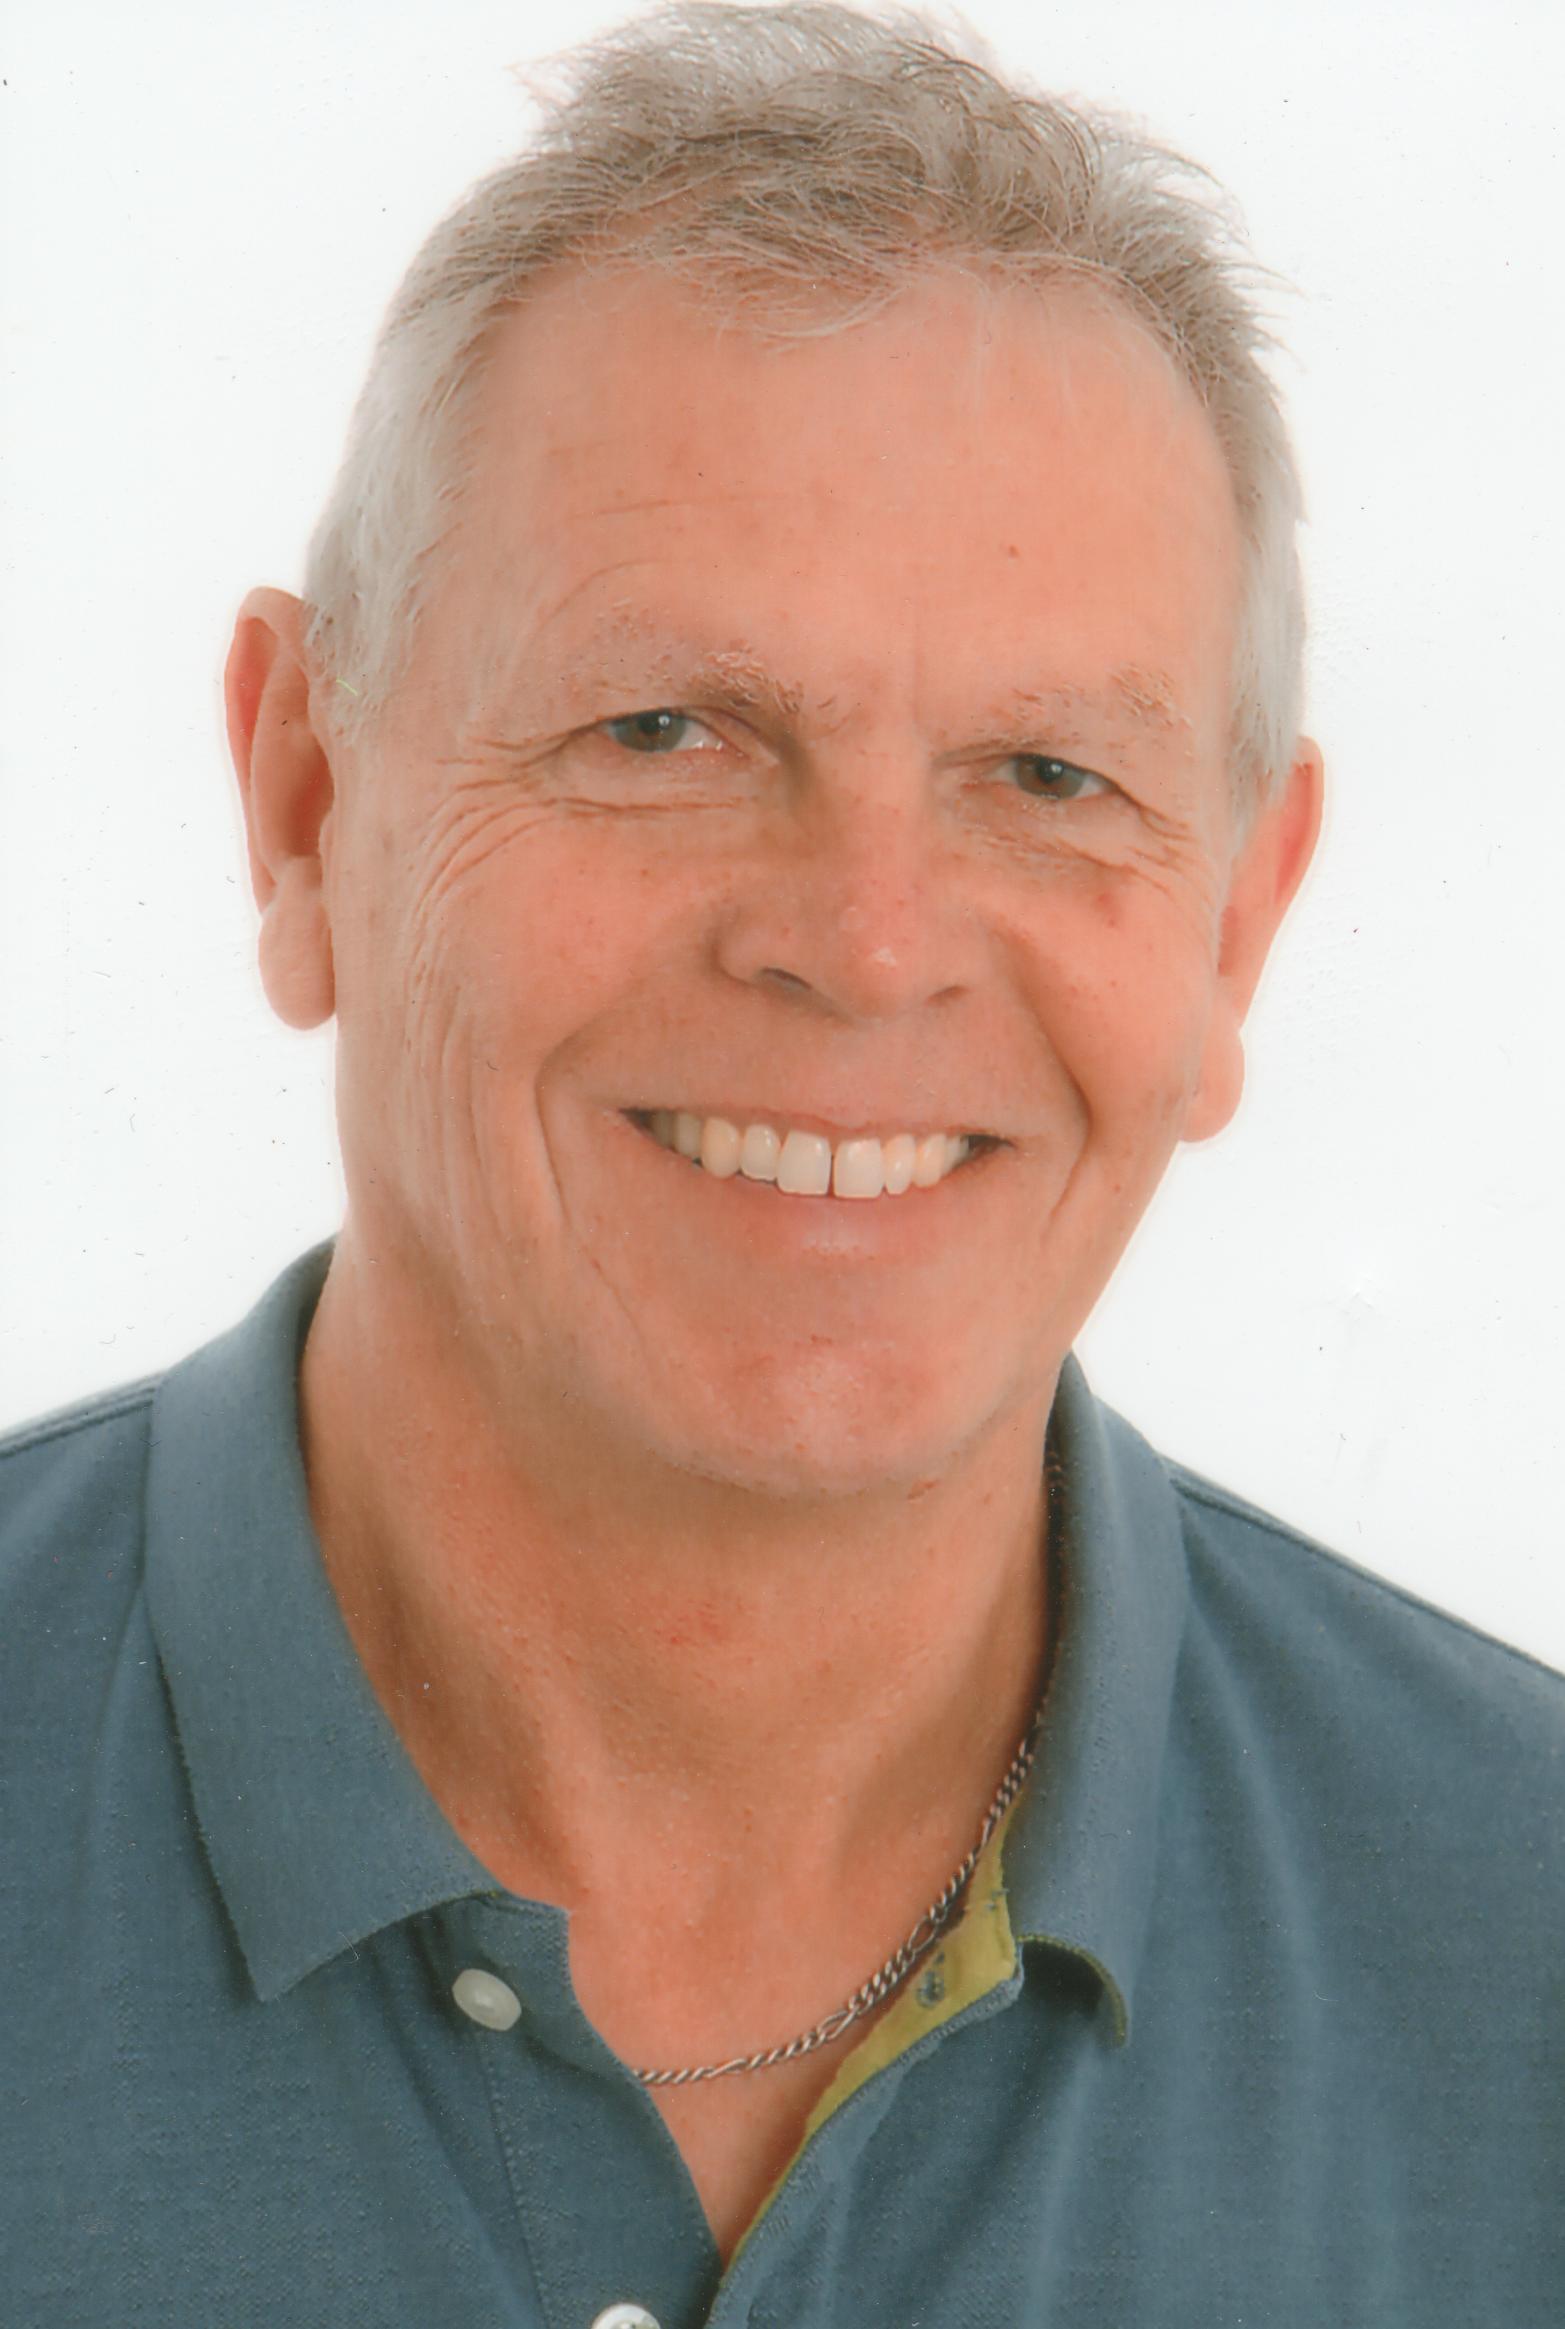 Manfred Heinze